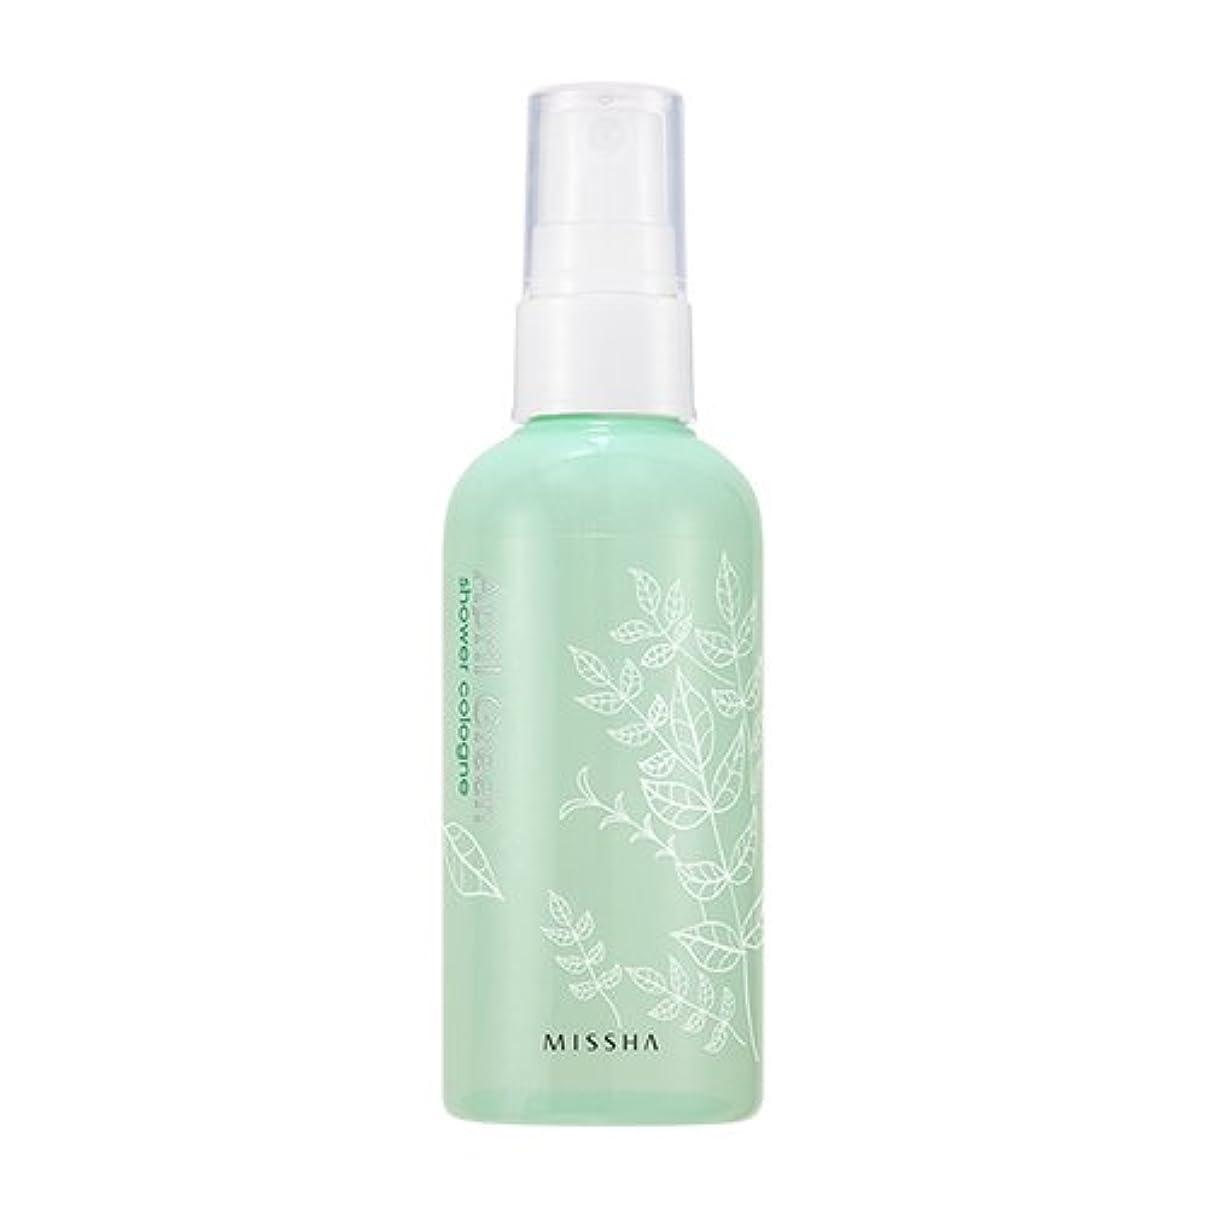 ショッピングセンター食い違い分離MISSHA Perfumed Shower Cologne April Green 105ml / ミシャ パフュームドシャワーコロン エイプリルグリーン 105ml [並行輸入品]